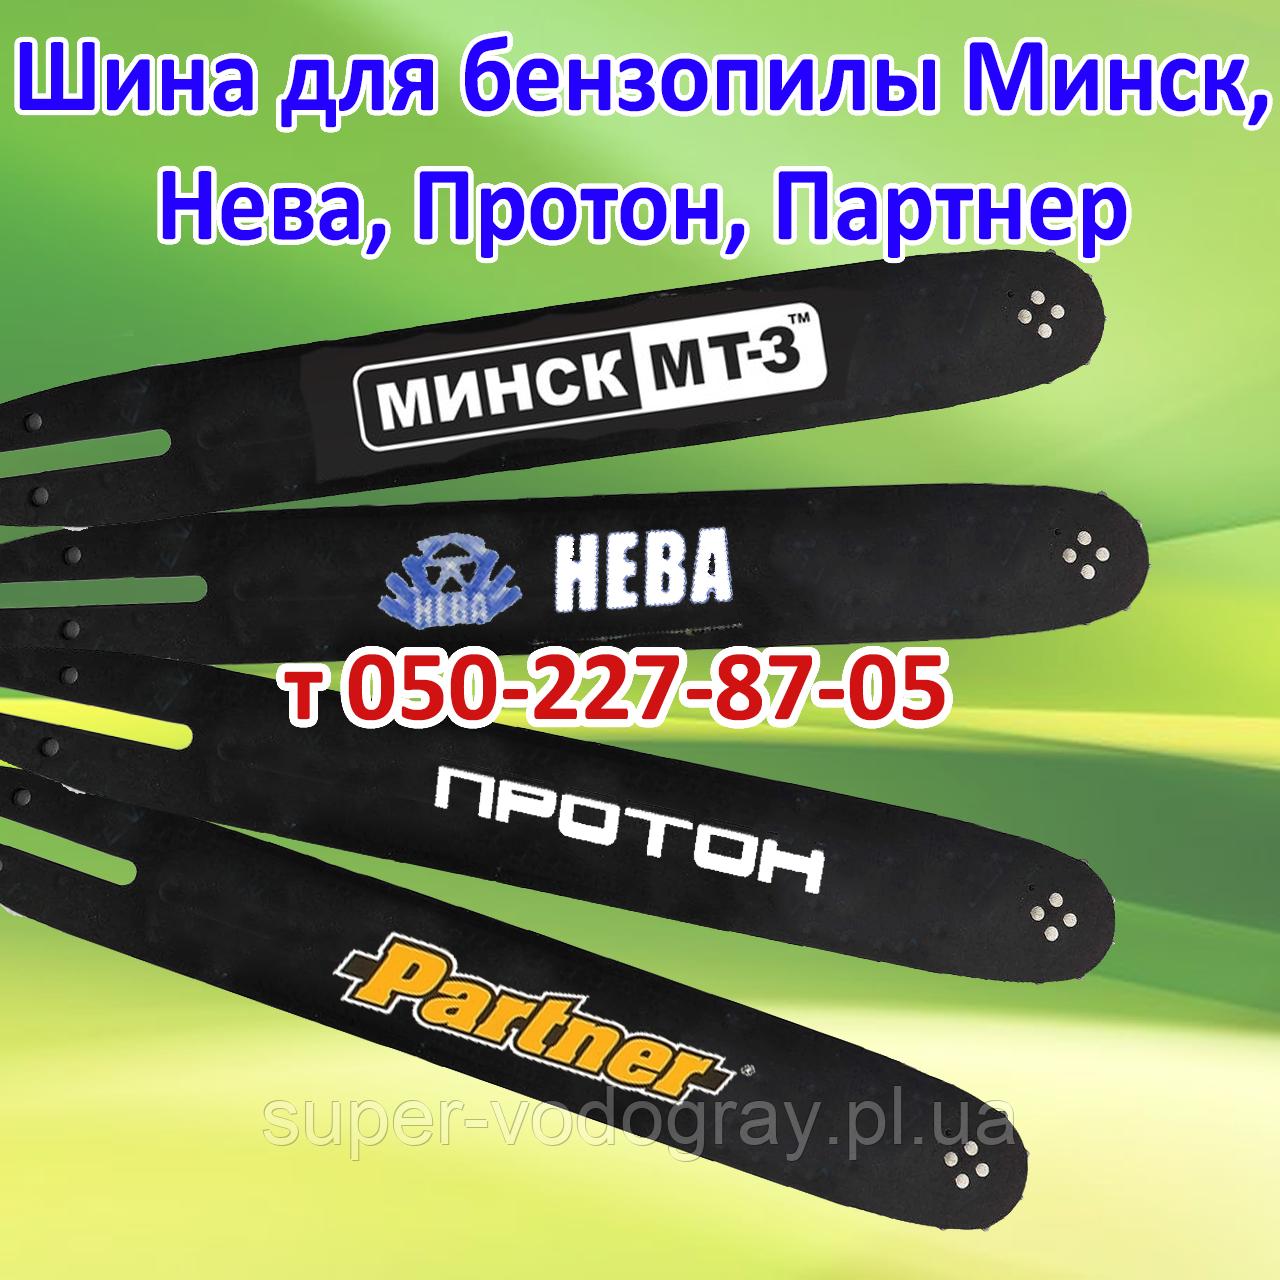 Шина для бензопили Мінськ, Нива, Протон, Партнер